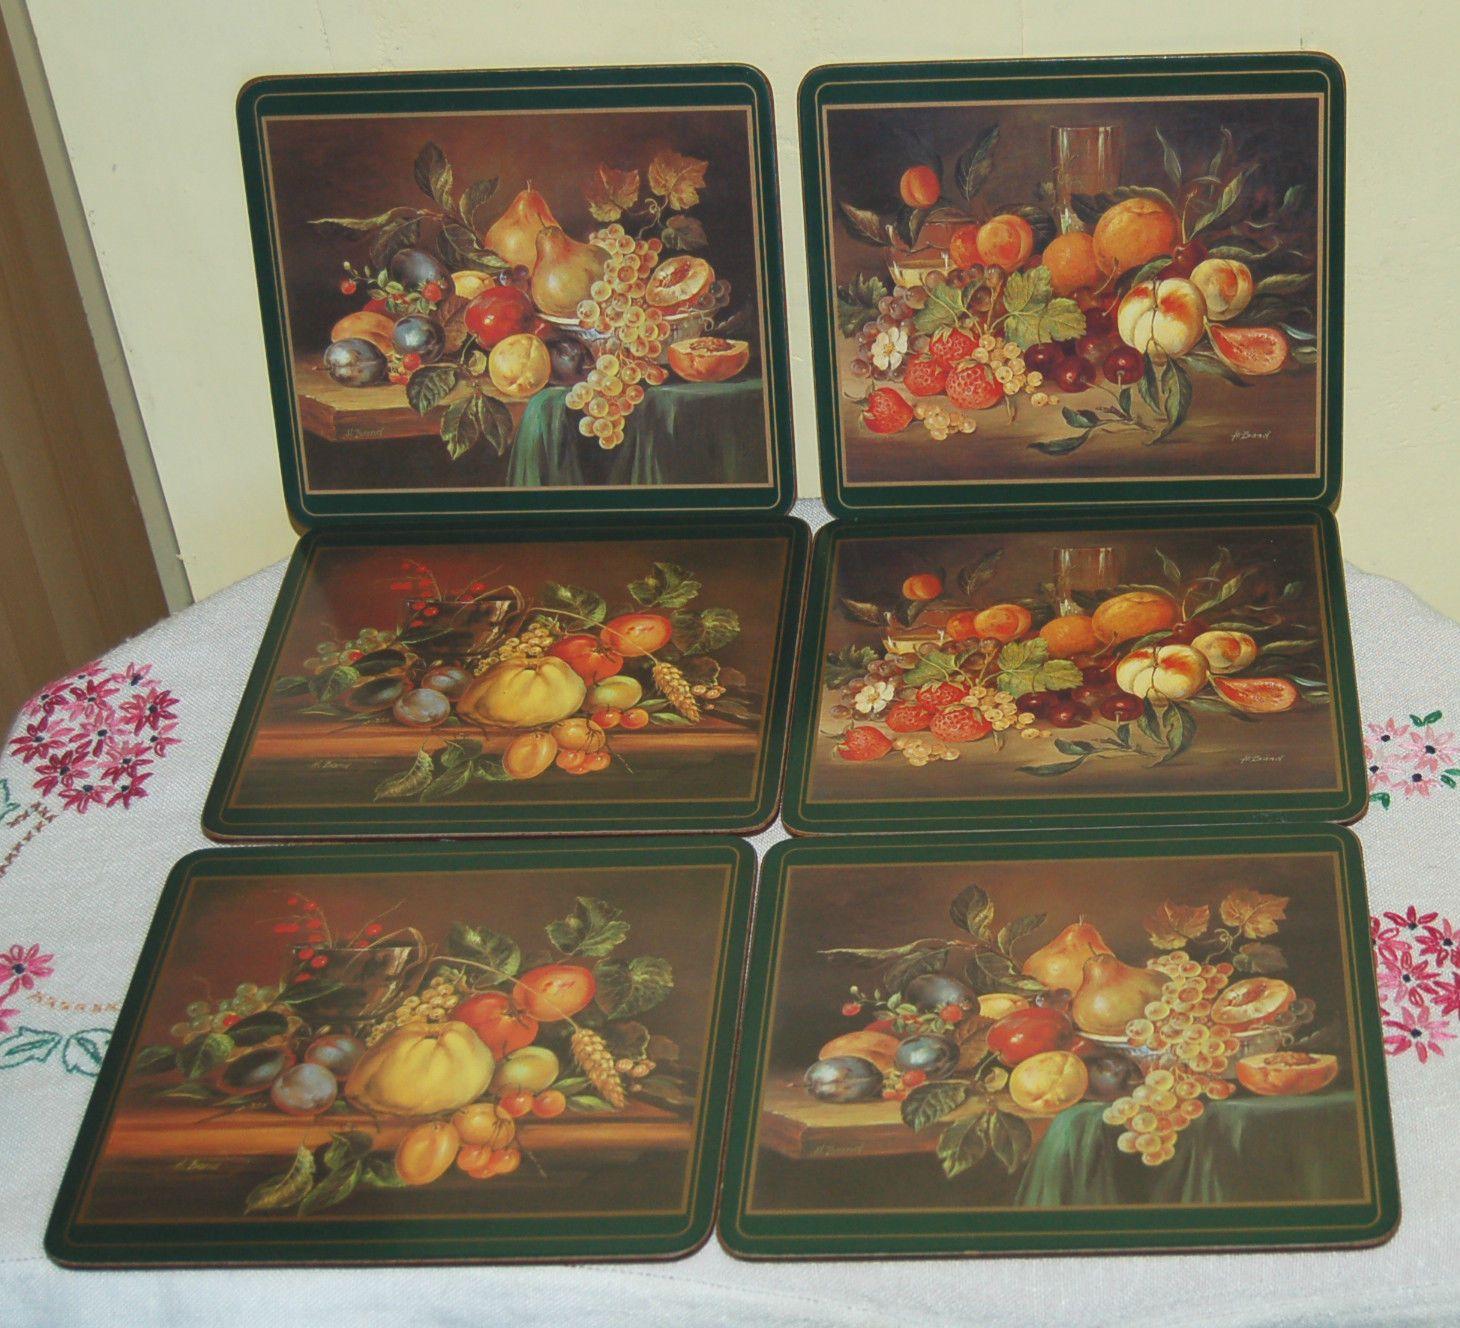 Vintage Retro Set Of 6 Place Mats Pimpernel Fruit Cork Backed Ebay Placemats Retro Vintage Retro